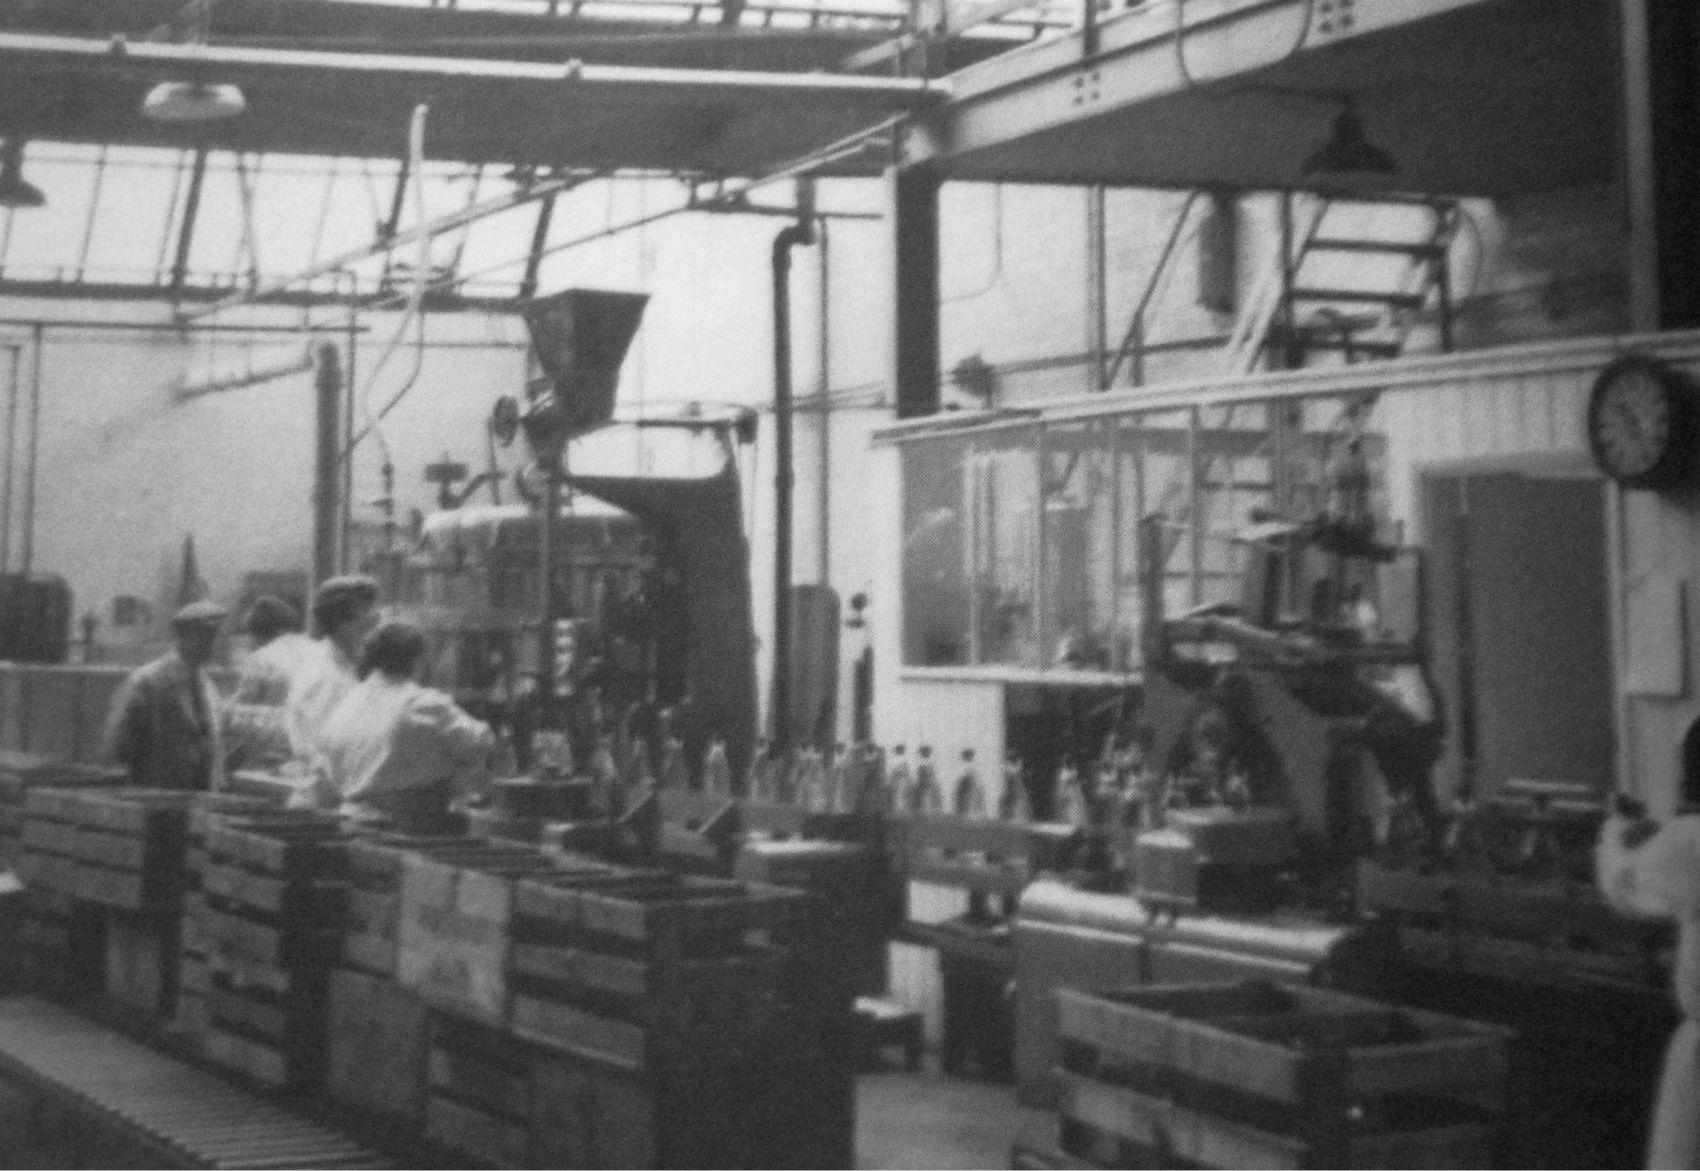 Soames & Co Pop Bottling Plant, Spalding